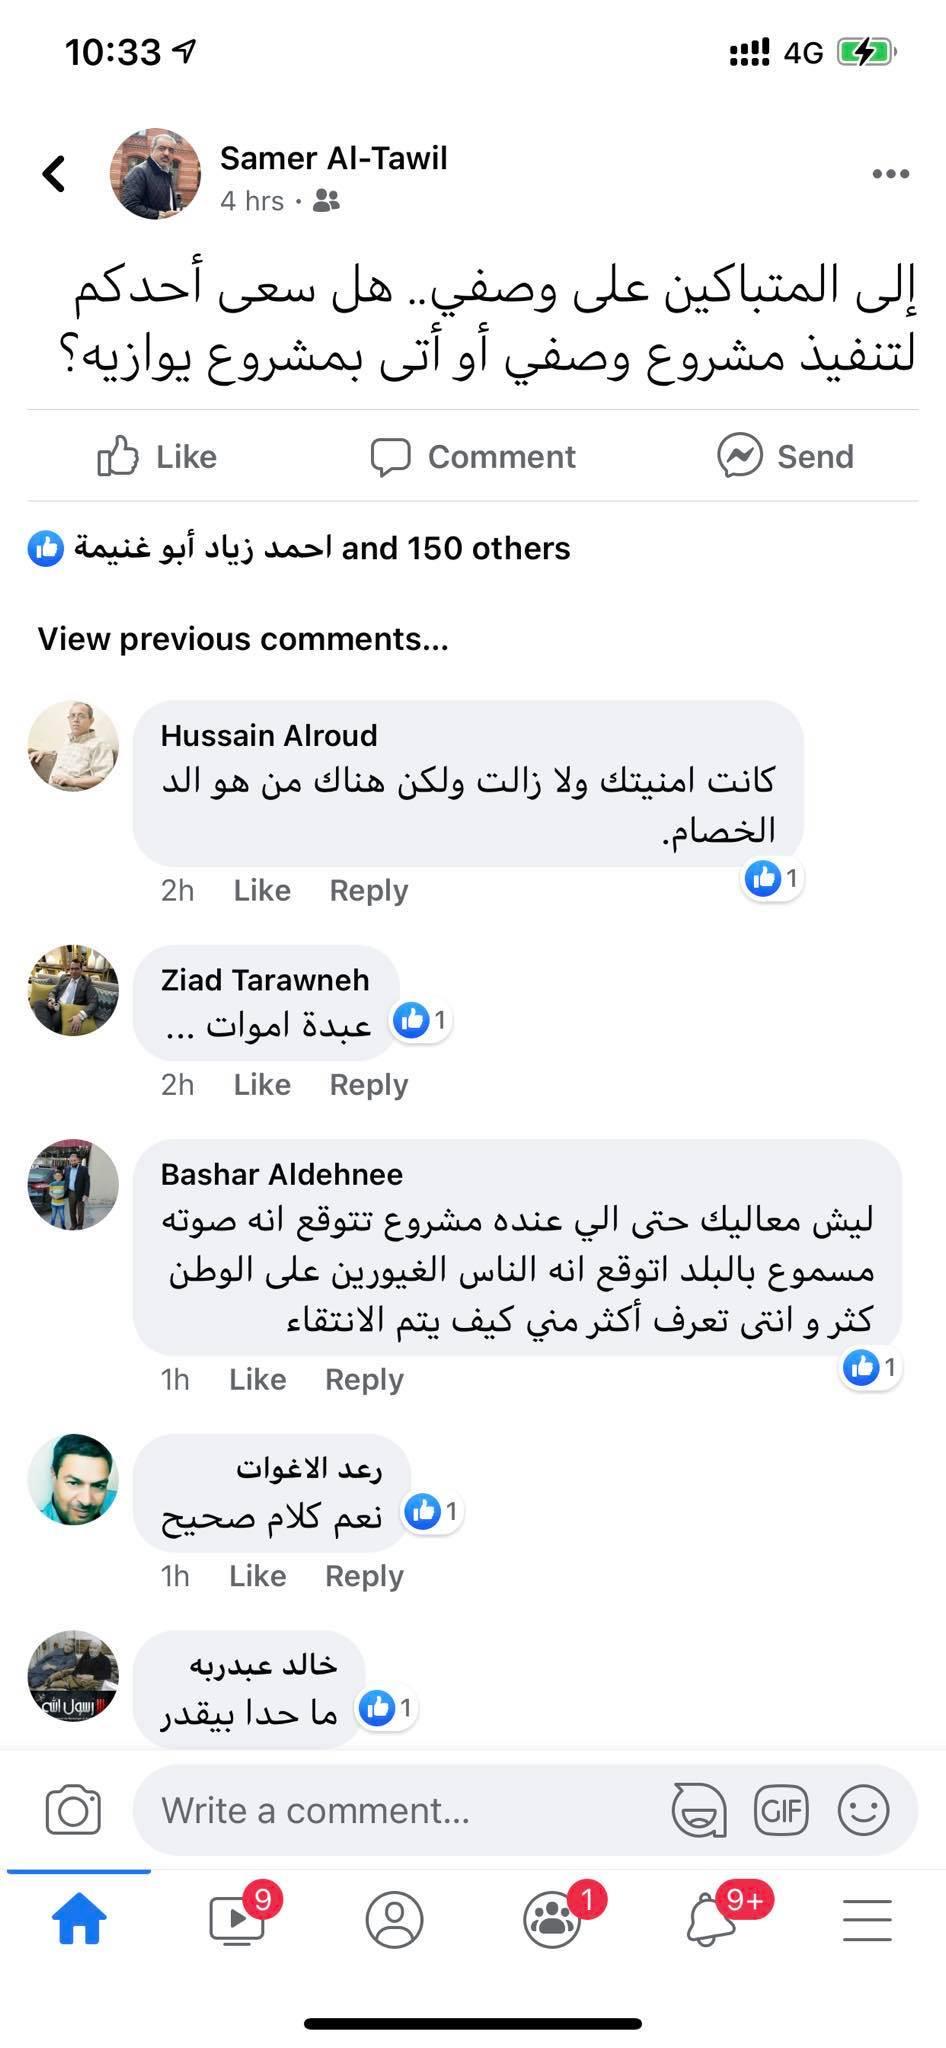 في ذكرى رحيل وصفي التل.. الشعوب تستحضر رموزها ولا تعبه بالعابرين!